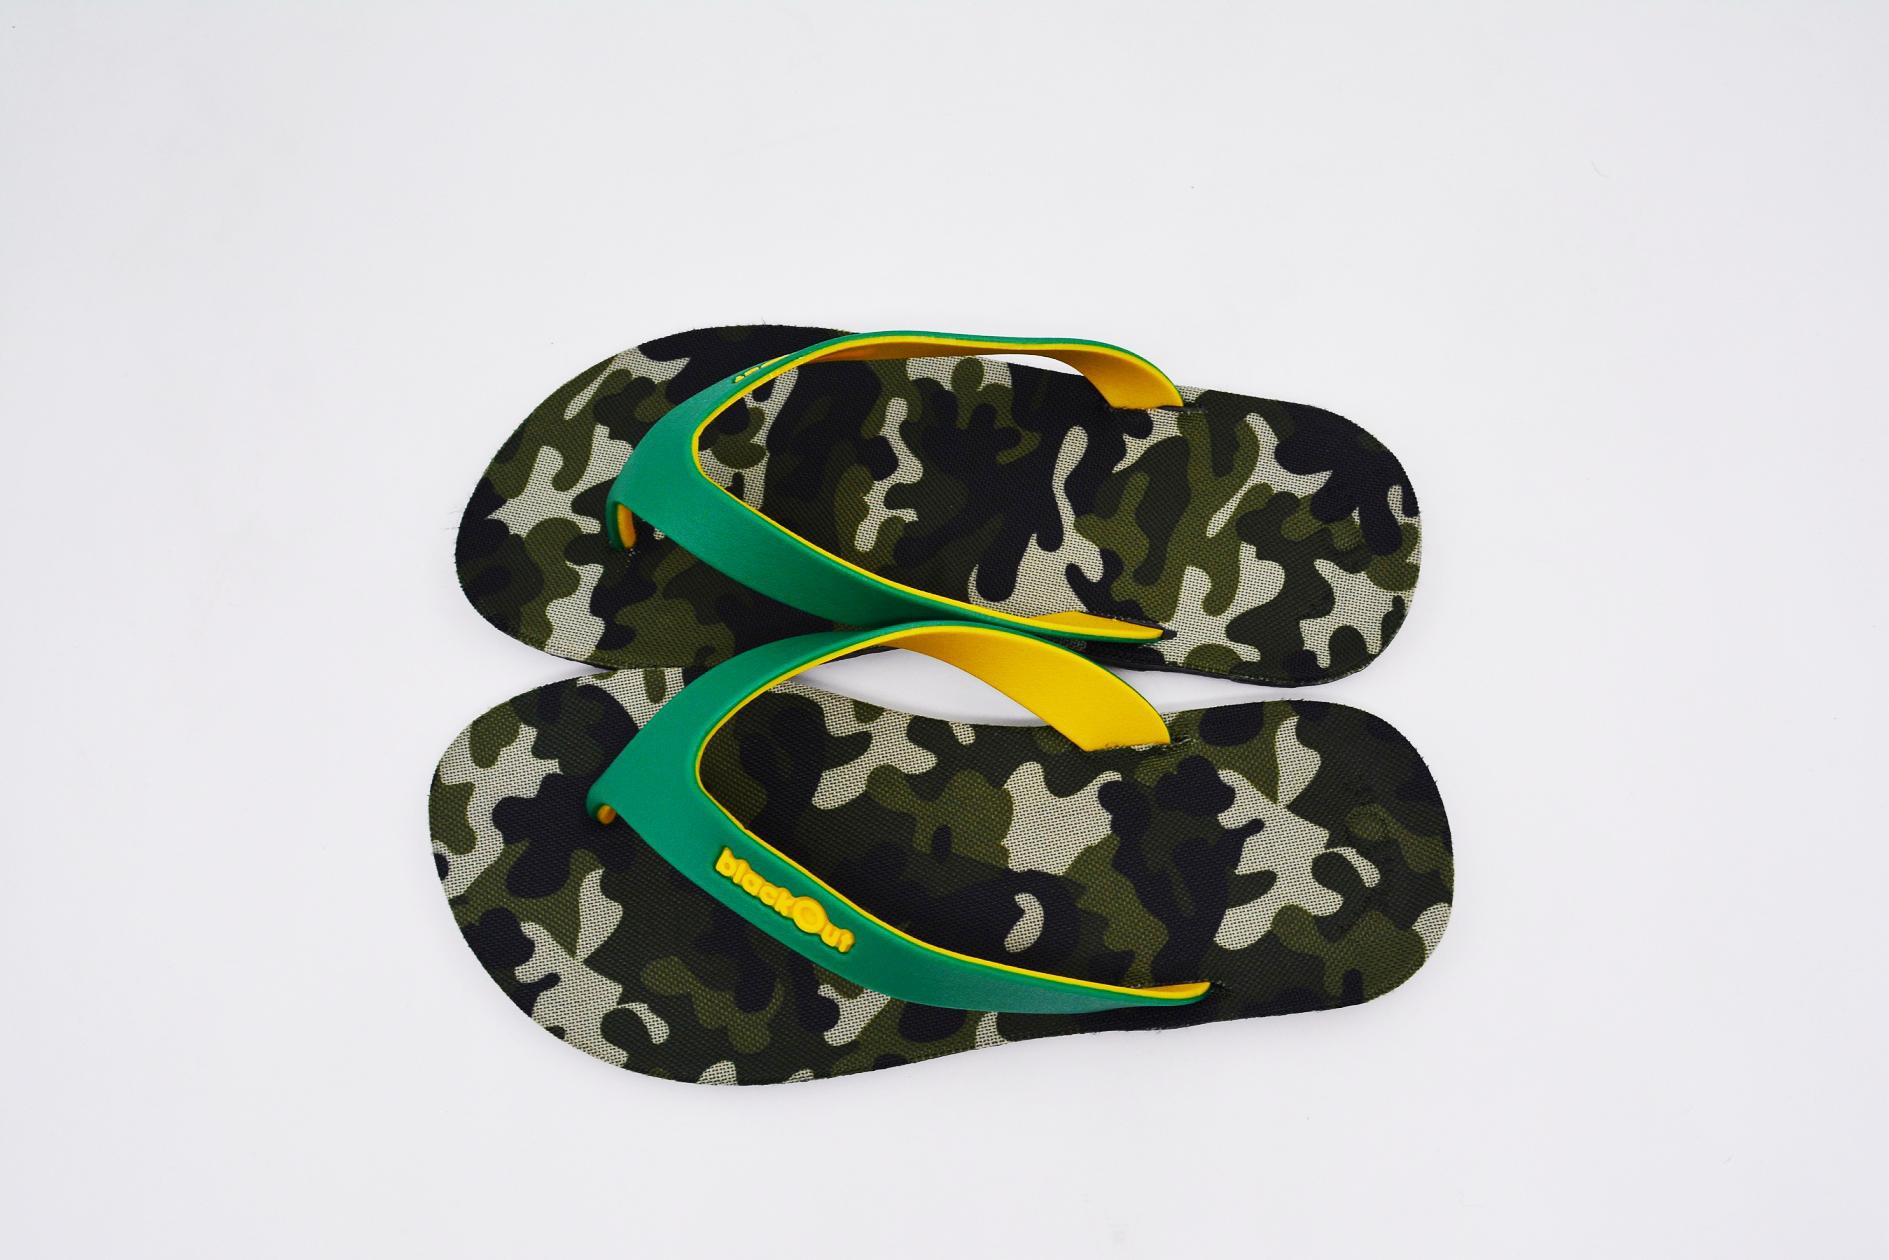 FLIPPER 2 TONE- blackOut พื้นลายทหารเขียว/หูเขียวเหลือง